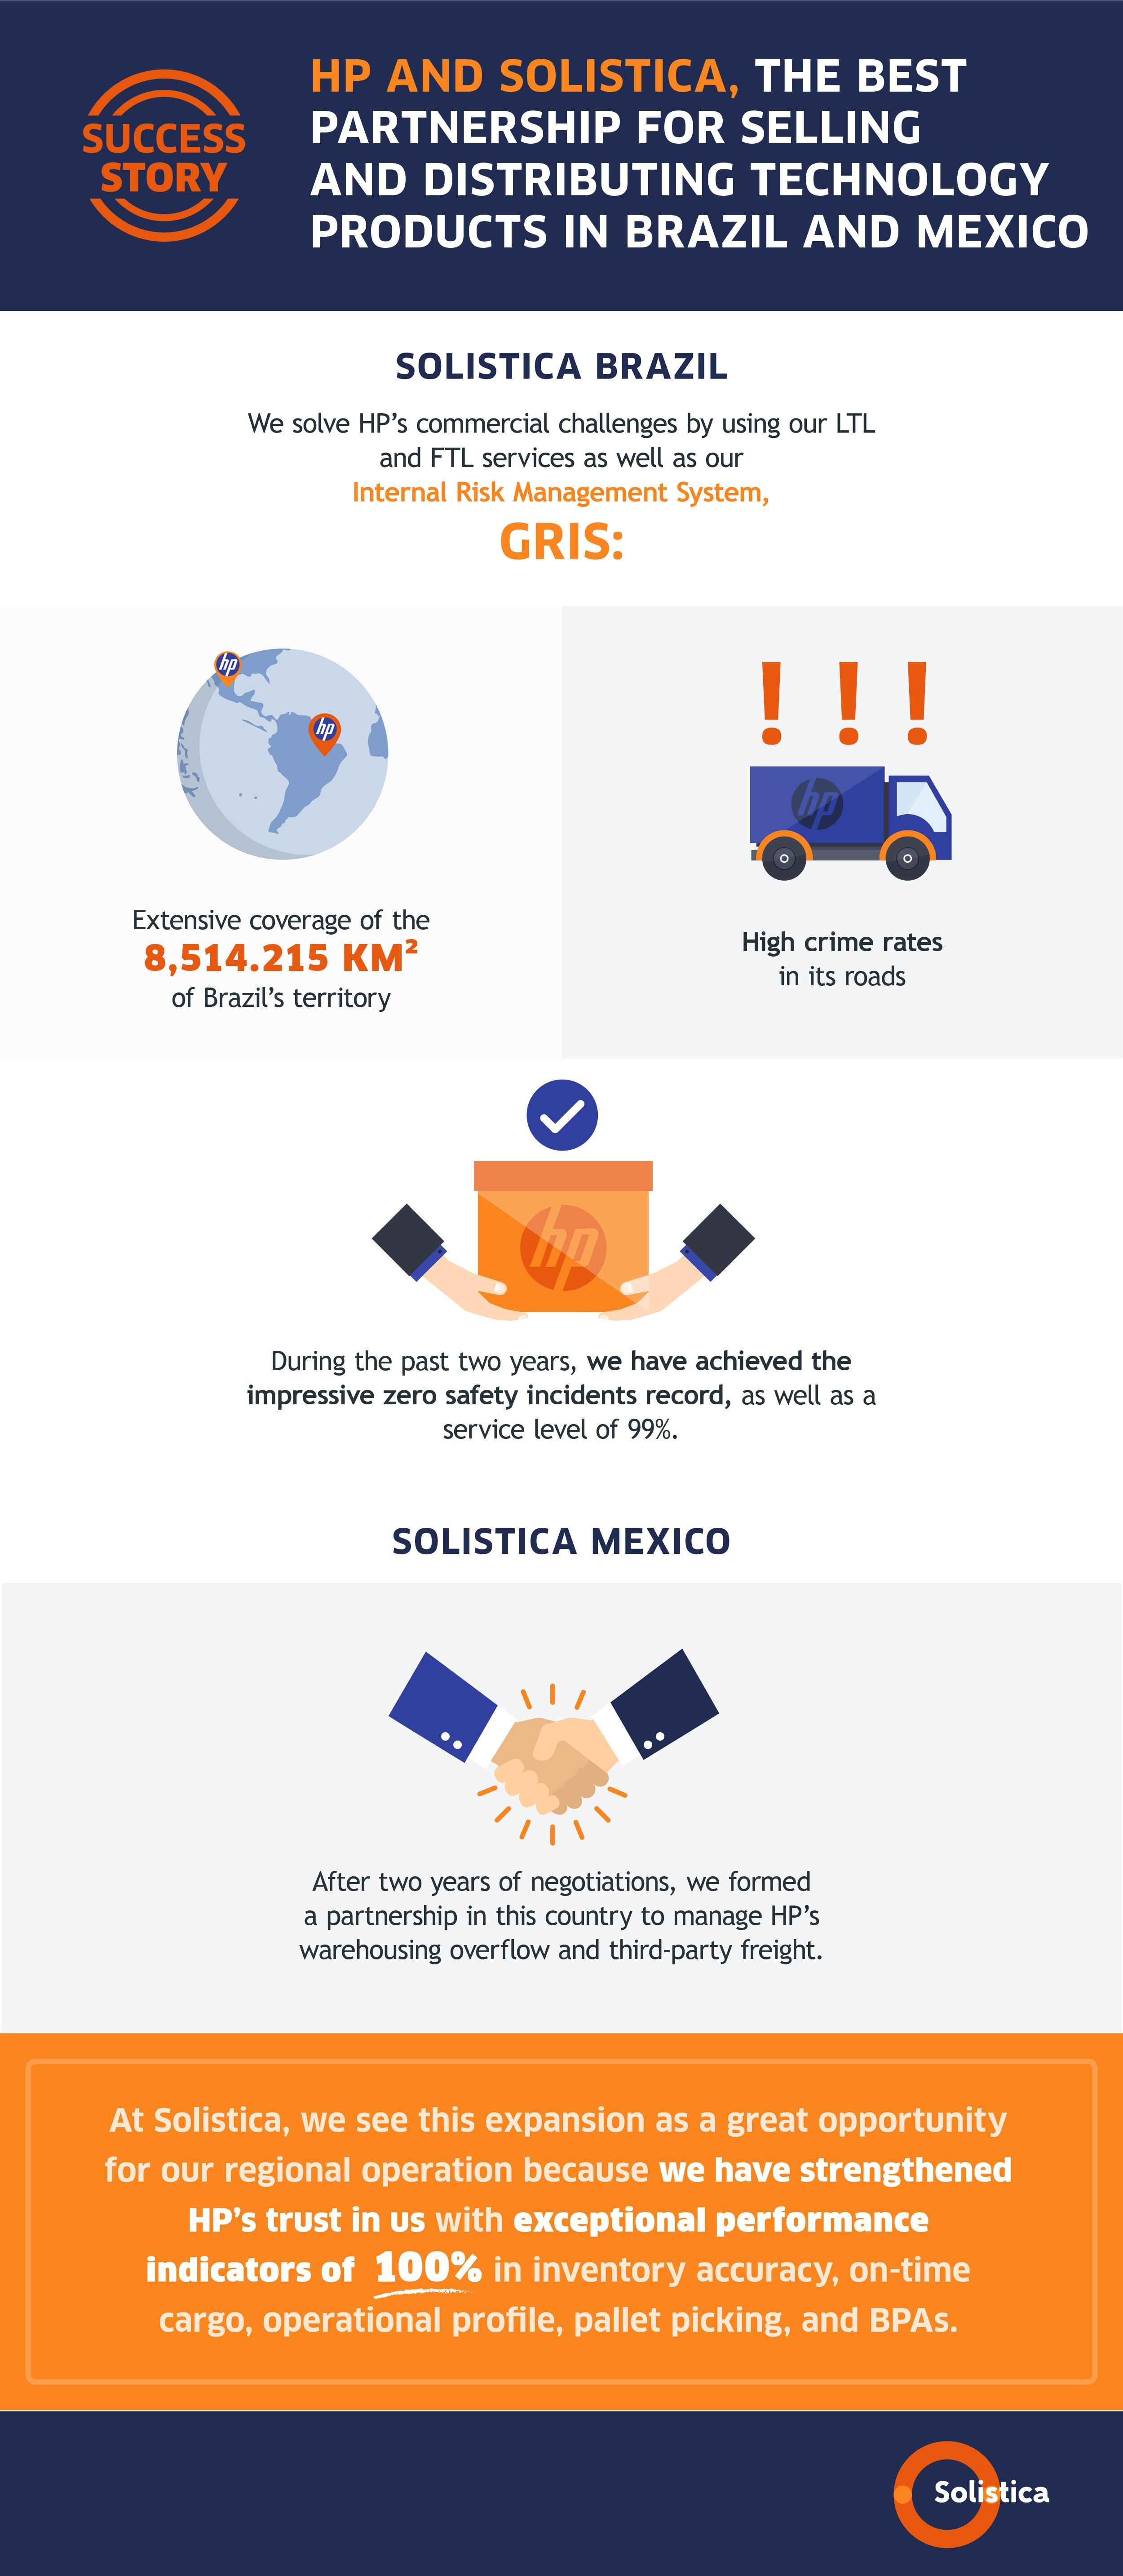 SOL-Historia Brasil M+¬xico_ De soluciones locales a globales VF trad rev final 566 palabras